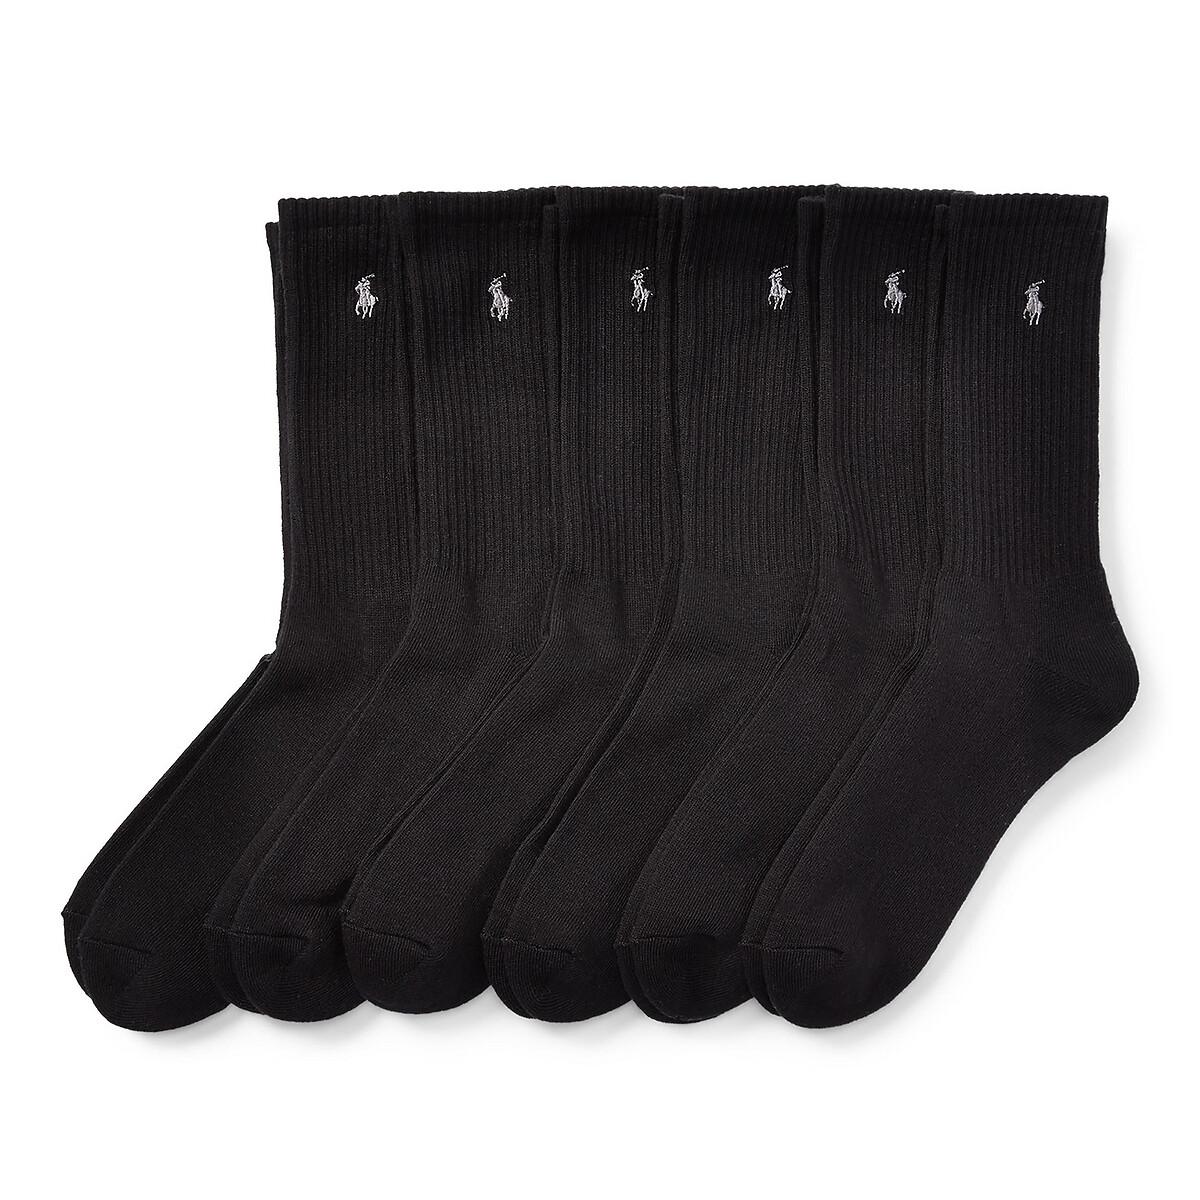 Комплект из 6 пар носков LaRedoute La Redoute 39/45 черный комплект из 6 пар носков la redoute la redoute 39 45 черный